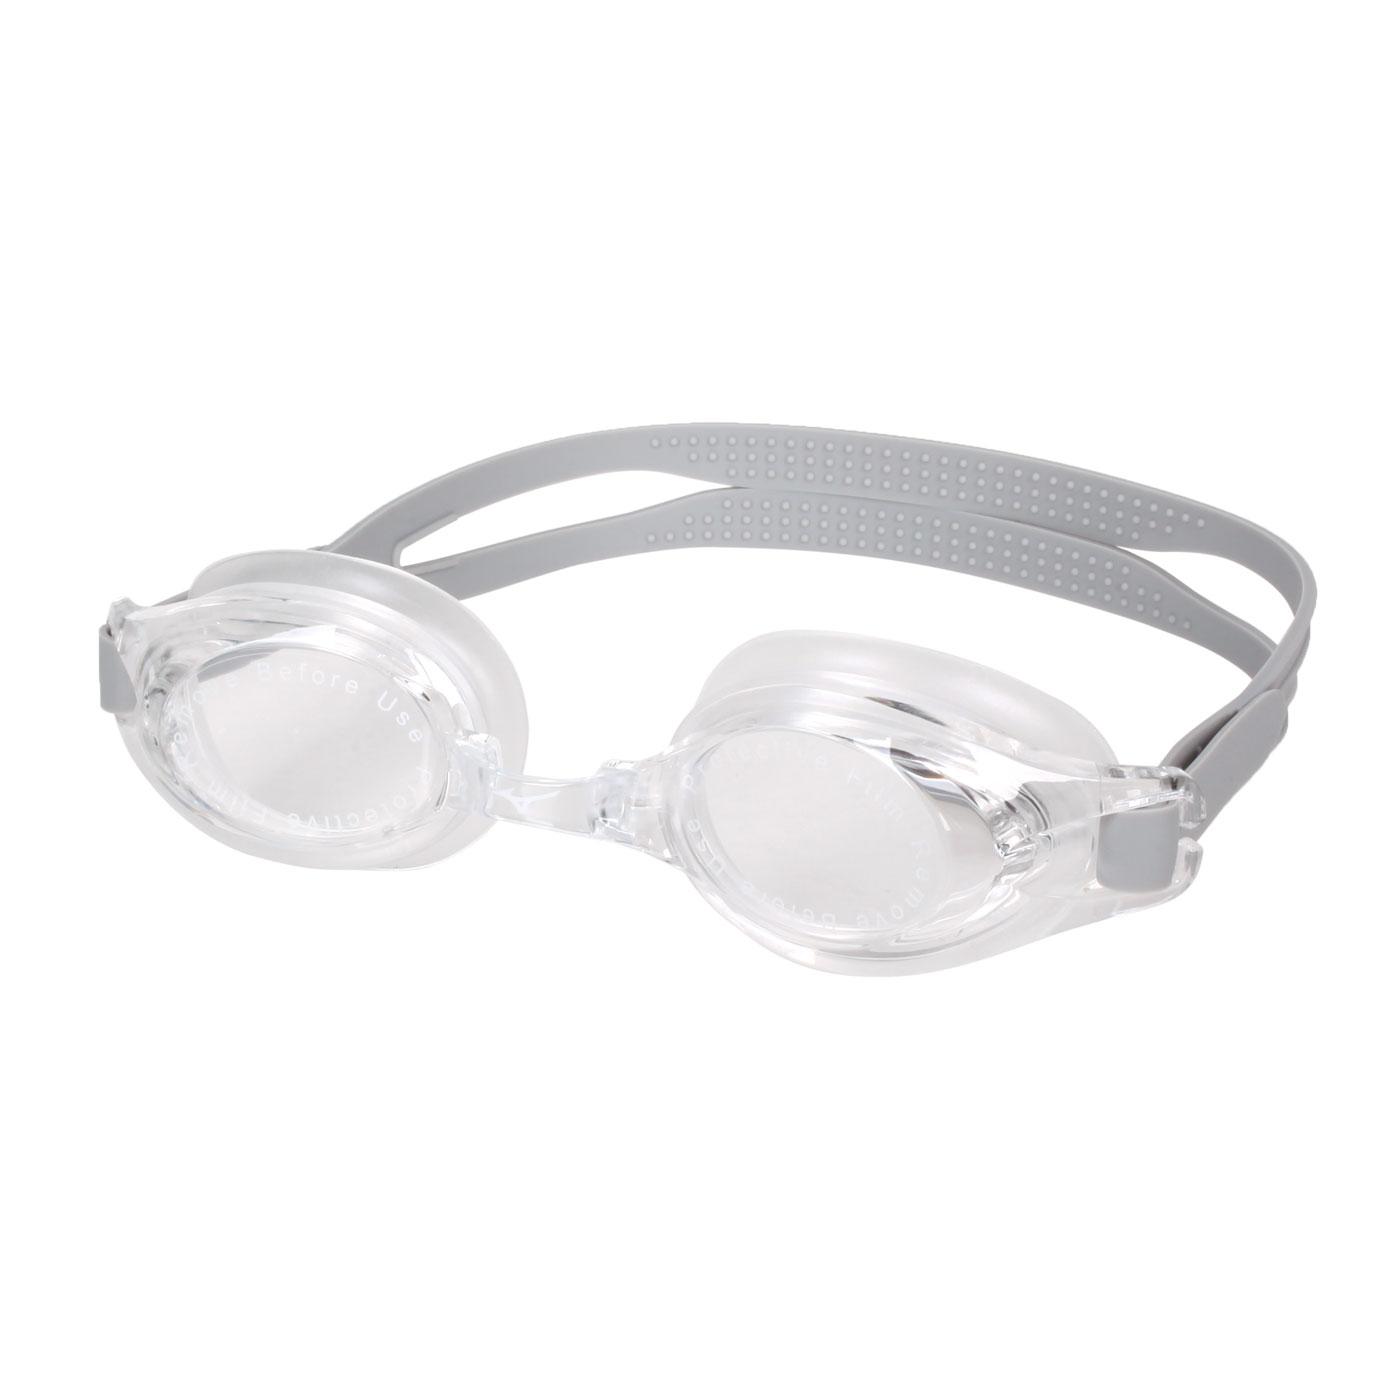 MIZUNO 泳鏡  SWIMN3TE702000-91 - 灰透明